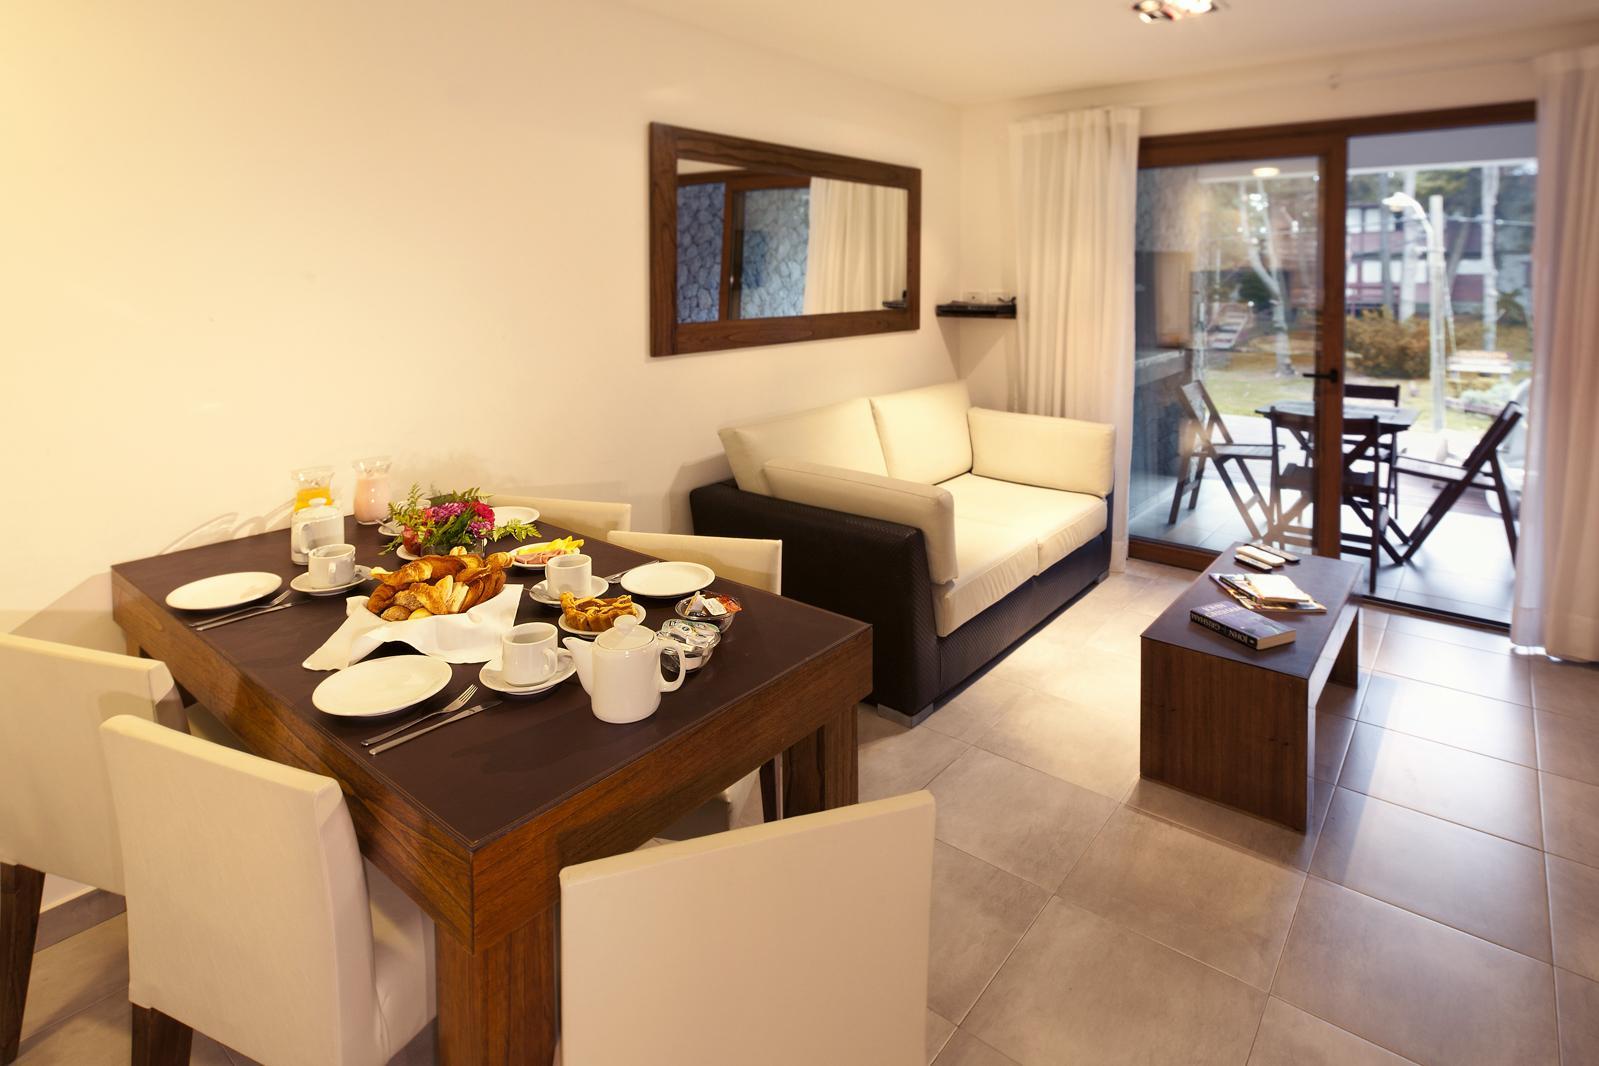 Resort Rincón del Duende - Fotógrafo Andreas Grunau - visita virtual hotel